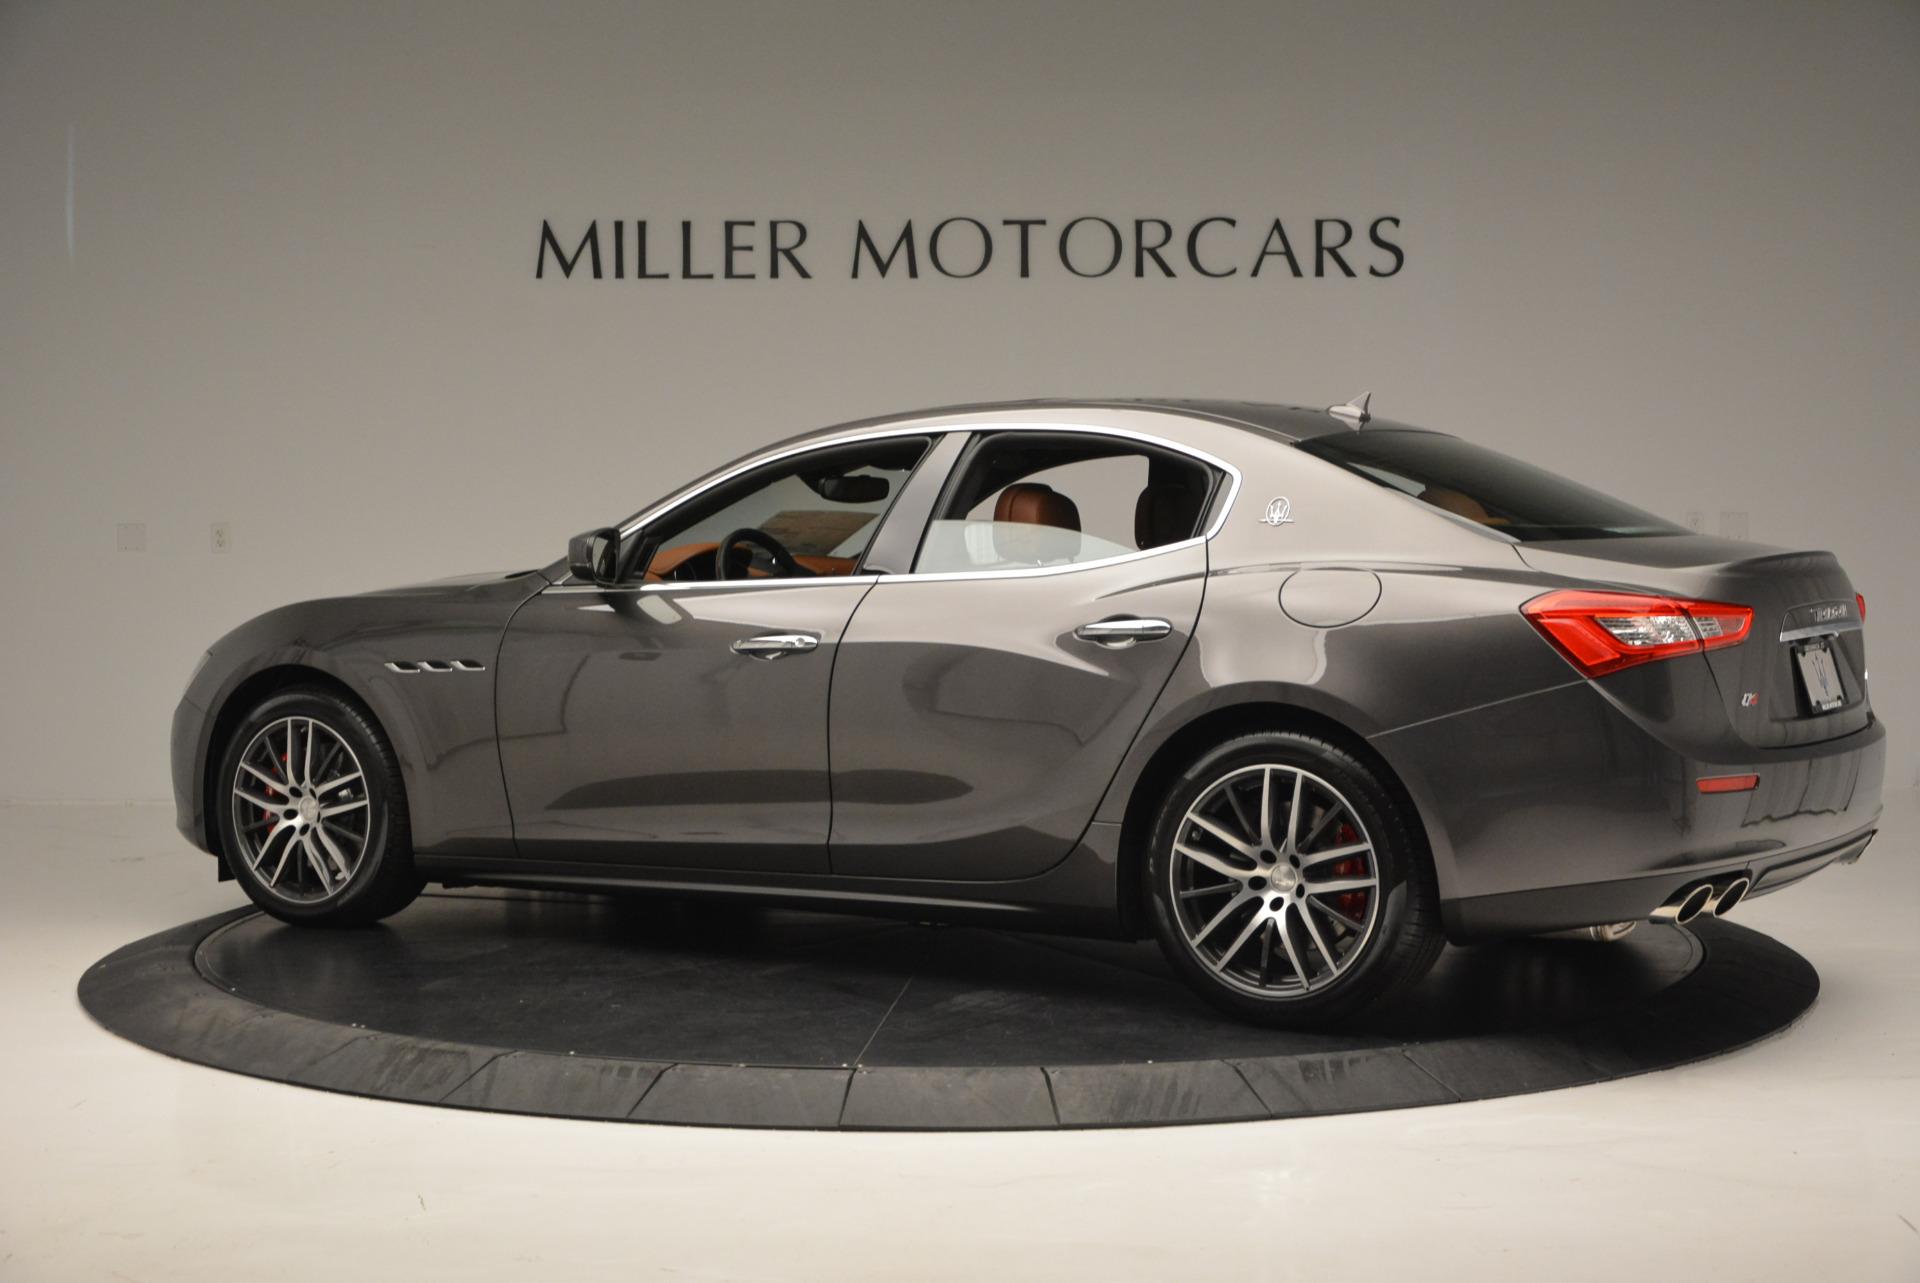 New 2017 Maserati Ghibli S Q4 For Sale In Greenwich, CT 573_p4